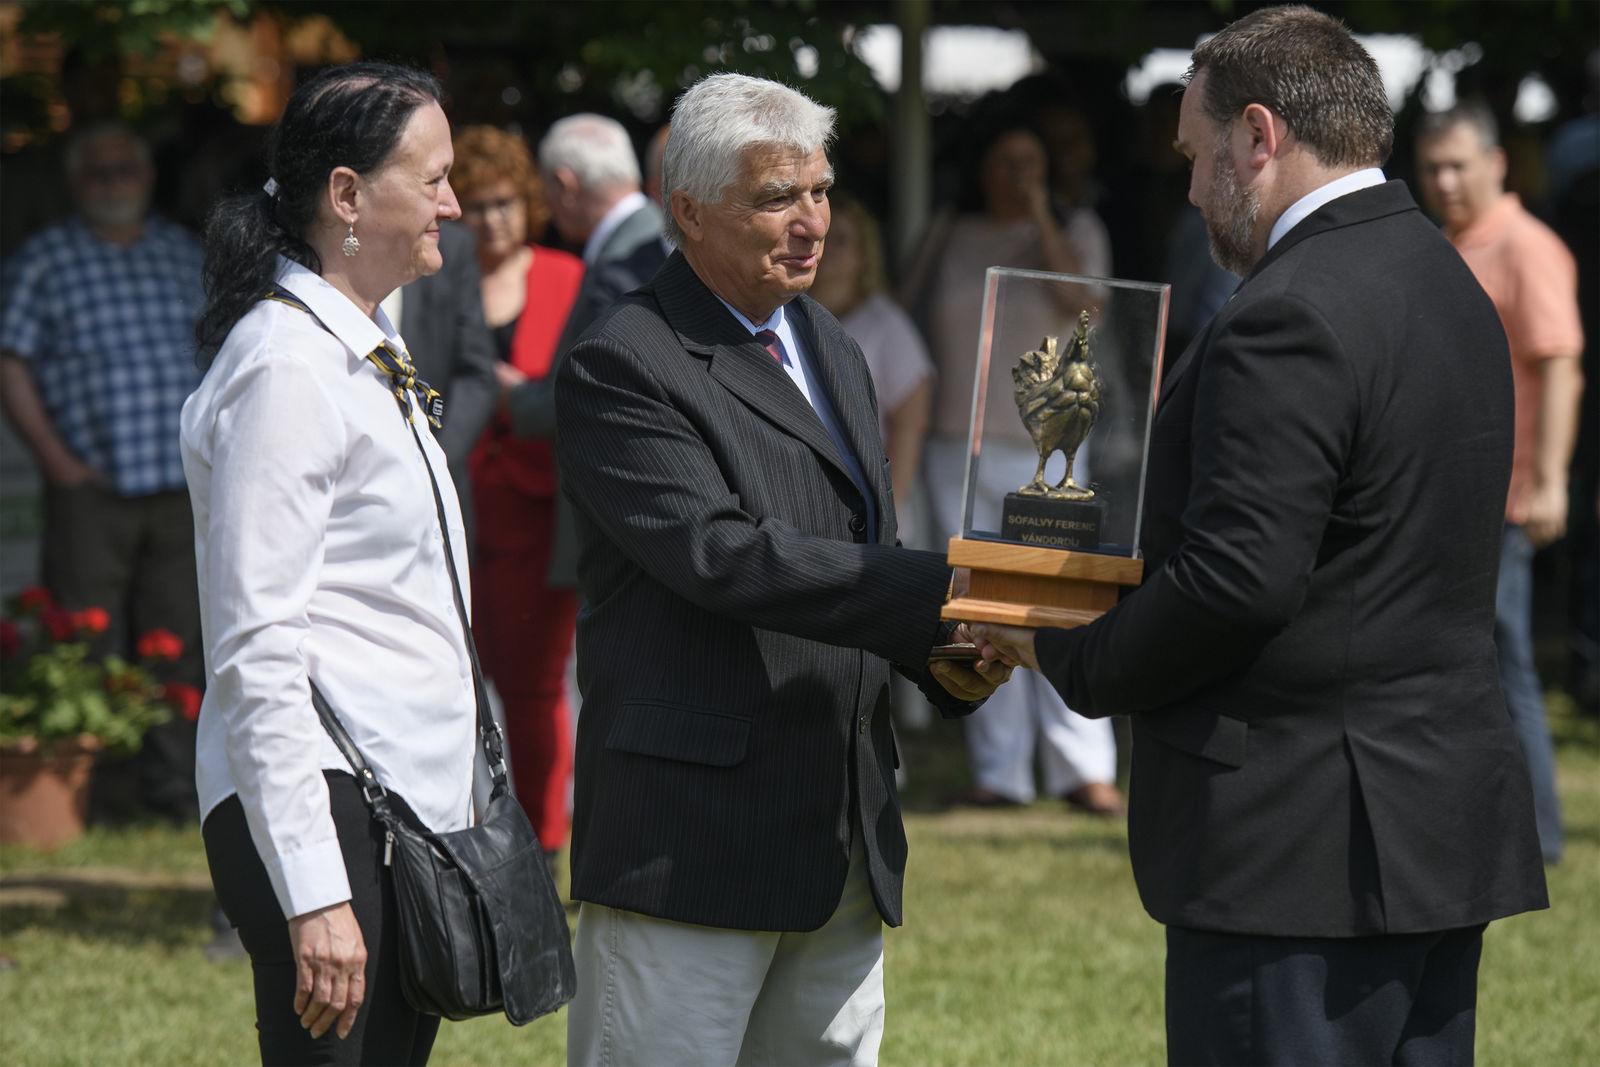 A díjat Sófalvy Erzsébet és dr. Horváth József, az SzTE Mg. Kar dékánja adta át Mihók Sándornak, a Debreceni Egyetem professor emeritusának